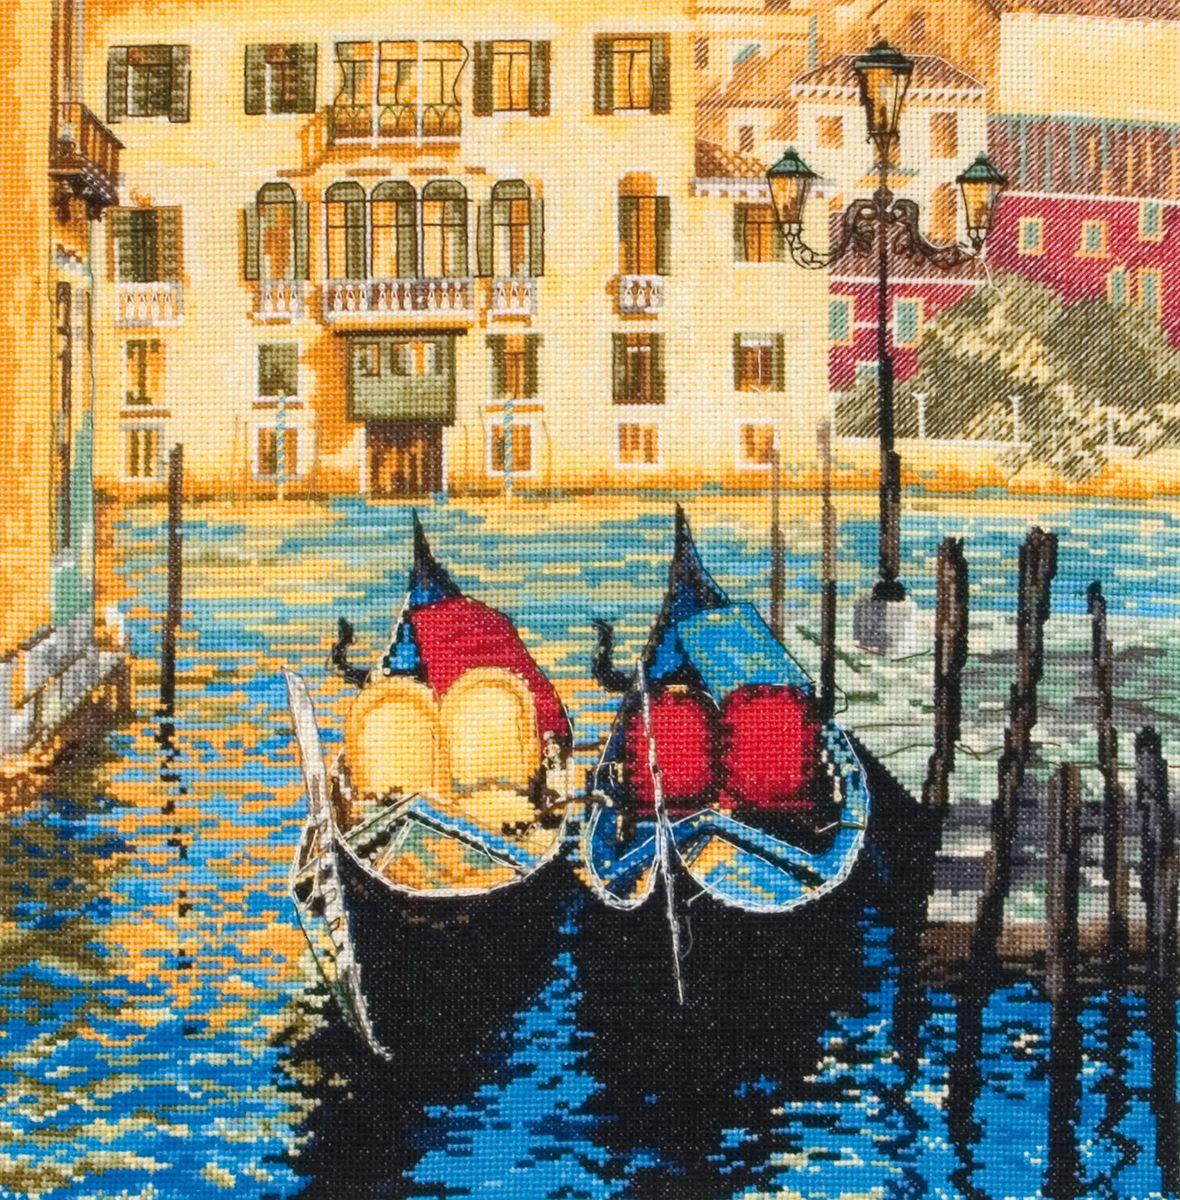 Набор для вышивания Maia Venice /Венеция/ 30*30см (состав: канва Aida 16, цветная схема, нитки Anchor, игла, инструкция), счетный крест5678000-01098Набор для вышивания Maia Venice /Венеция/ 30*30см (состав: канва Aida 16, цветная схема, нитки Anchor, игла, инструкция), счетный крест